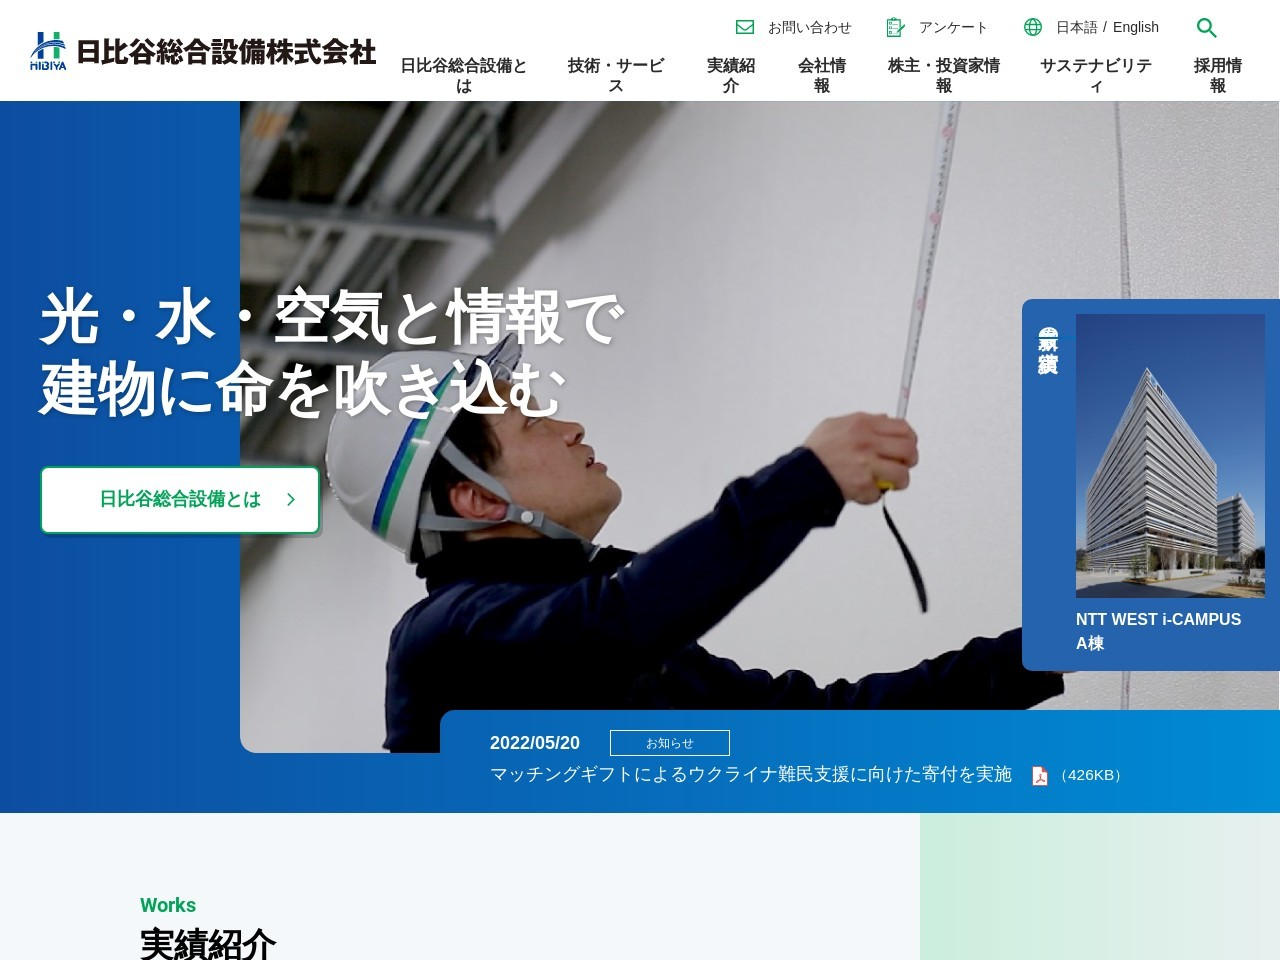 日比谷総合設備株式会社北陸支店